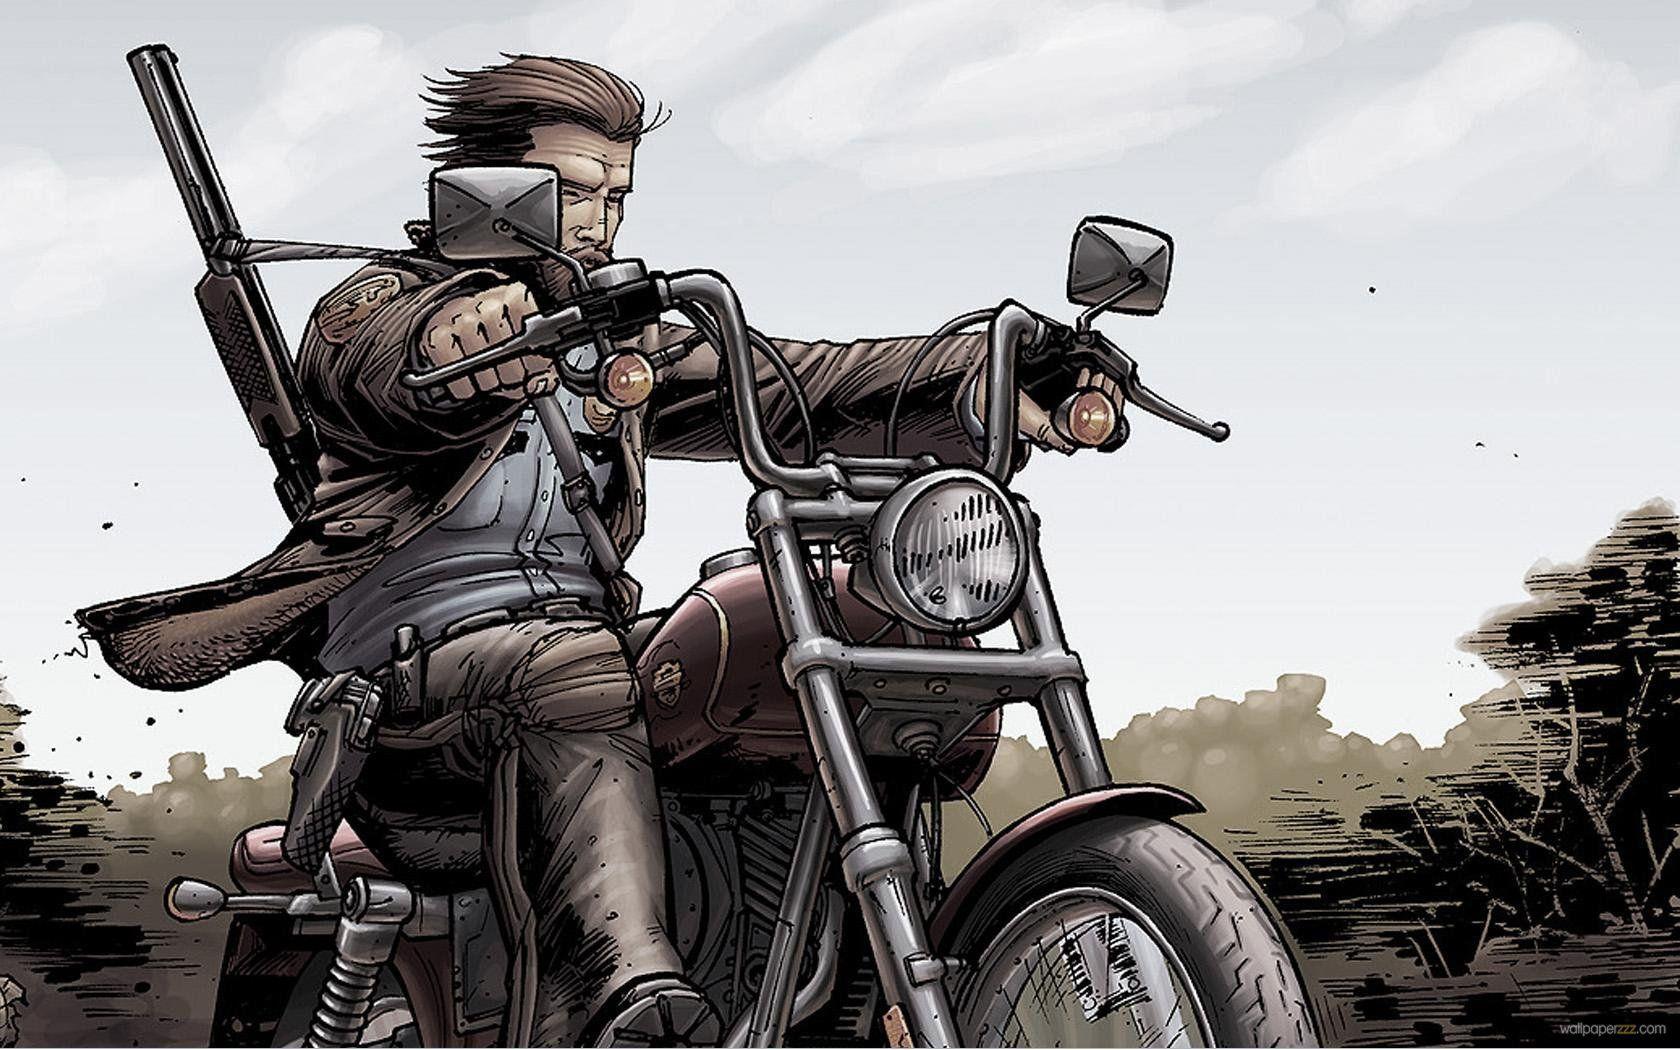 Anime Biker Guy